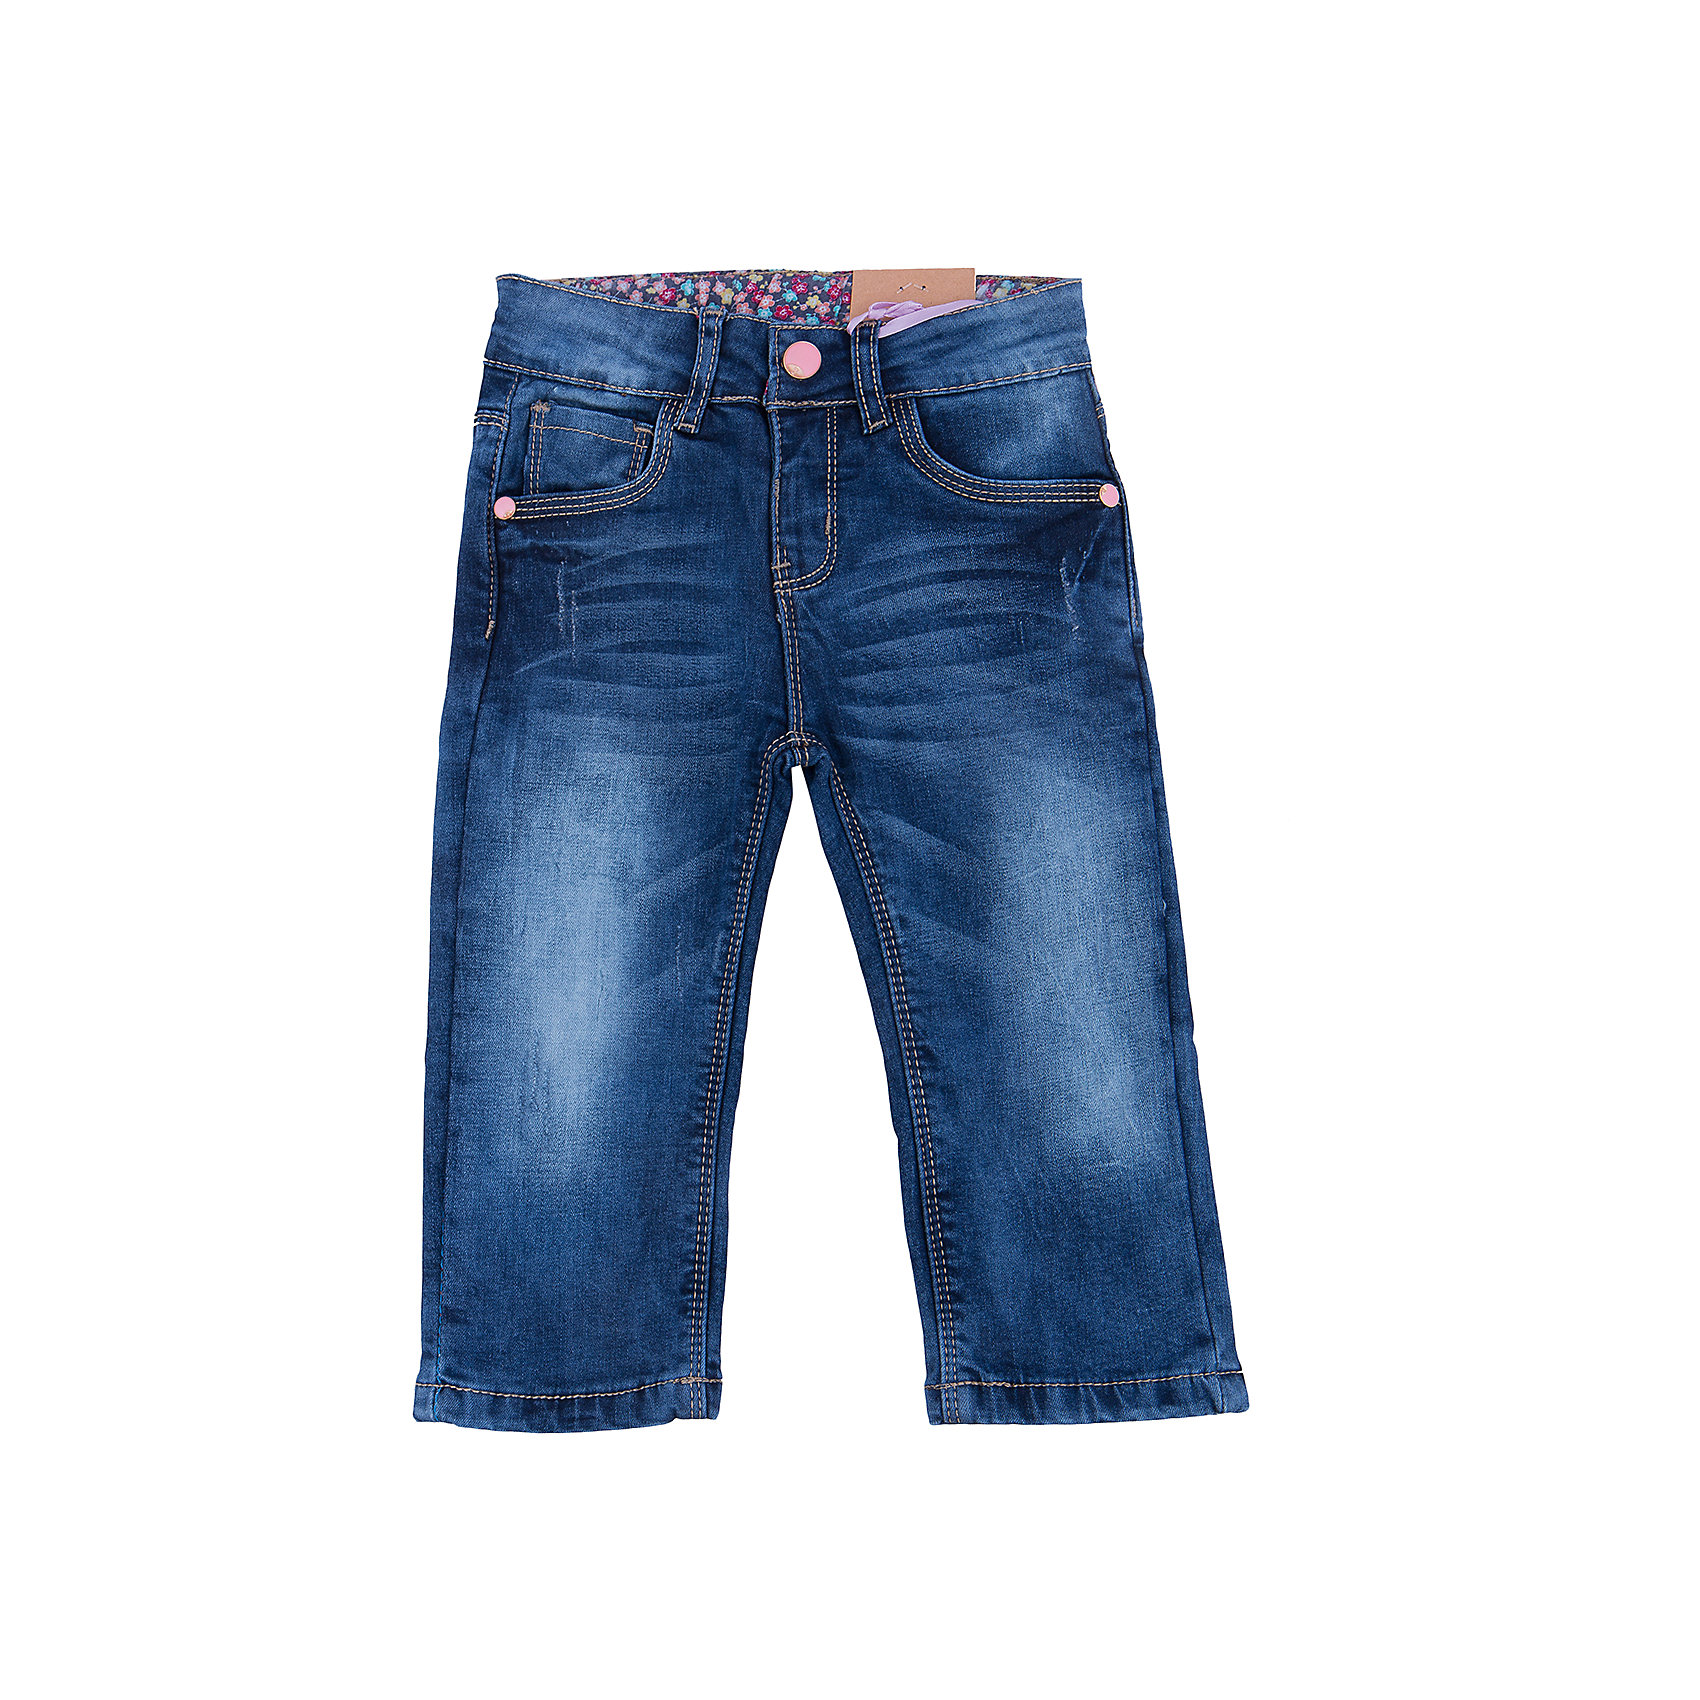 Джинсы для девочки Sweet BerryДжинсы и брючки<br>Такая модель джинсов для девочки отличается модным дизайном с контрастной прострочкой и потертостями. Удачный крой обеспечит ребенку комфорт и тепло. Мягкая подкладка делает вещь идеальной для повседневного ношения. Она плотно прилегает к телу там, где нужно, и отлично сидит по фигуре. Джинсы имеют удобный пояс с регулировкой внутри. Натуральный хлопок обеспечит коже возможность дышать и не вызовет аллергии.<br>Одежда от бренда Sweet Berry - это простой и выгодный способ одеть ребенка удобно и стильно. Всё изделия тщательно проработаны: швы - прочные, материал - качественный, фурнитура - подобранная специально для детей. <br><br>Дополнительная информация:<br><br>цвет: синий;<br>имитация потертостей;<br>материал: верх - 98% хлопок, 2% эластан, подкладка - 100% хлопок;<br>пояс с регулировкой внутри.<br><br>Джинсы для девочки от бренда Sweet Berry можно купить в нашем интернет-магазине.<br><br>Ширина мм: 215<br>Глубина мм: 88<br>Высота мм: 191<br>Вес г: 336<br>Цвет: синий<br>Возраст от месяцев: 12<br>Возраст до месяцев: 15<br>Пол: Женский<br>Возраст: Детский<br>Размер: 80,98,92,86<br>SKU: 4931283